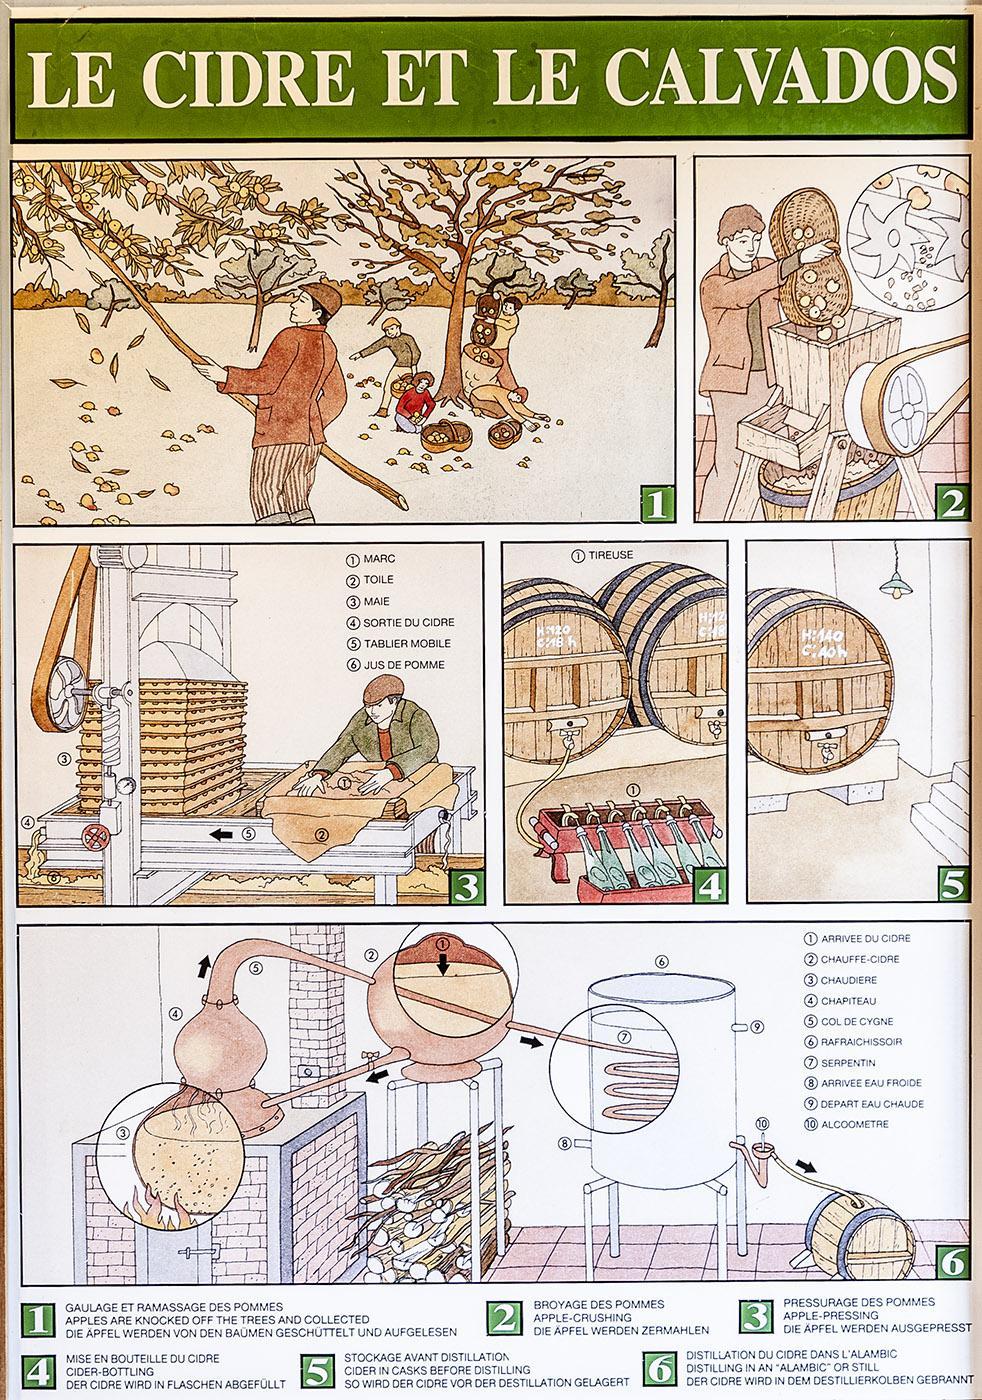 Die einzelnen Phasen der Cidre-Herstellung. Foto: Hilke Maunder